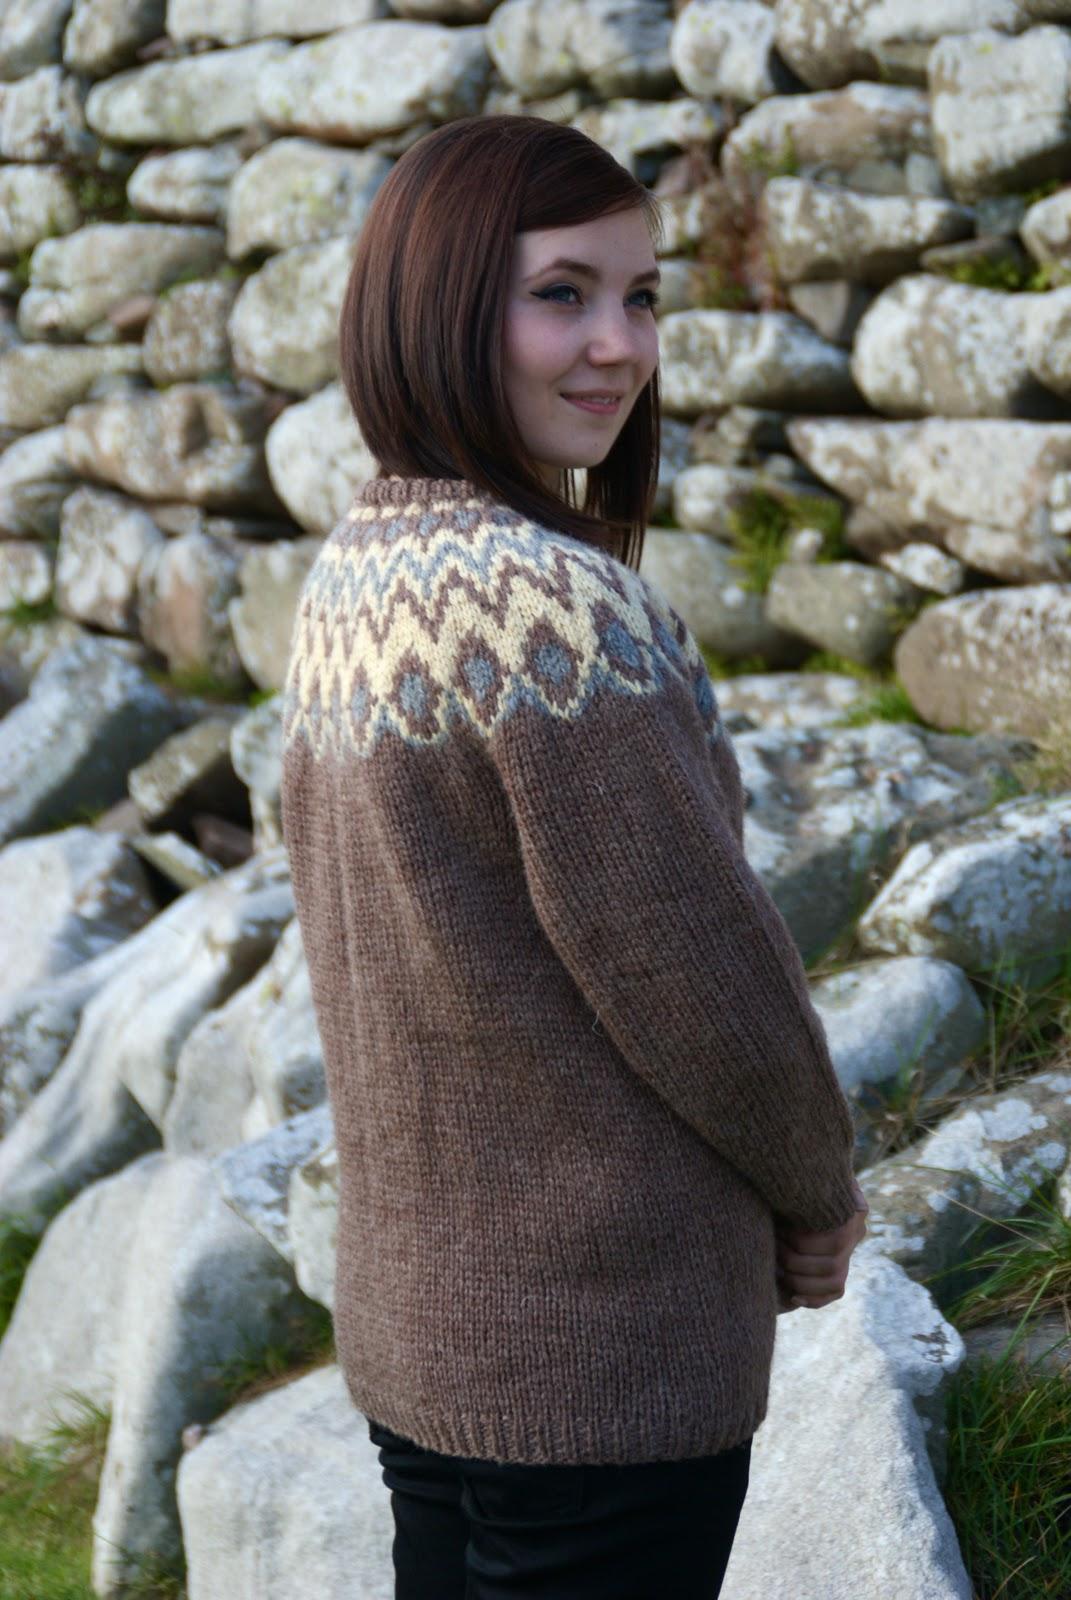 Fairisle Knitting Patterns Free Free Pattern At The Knittercouk